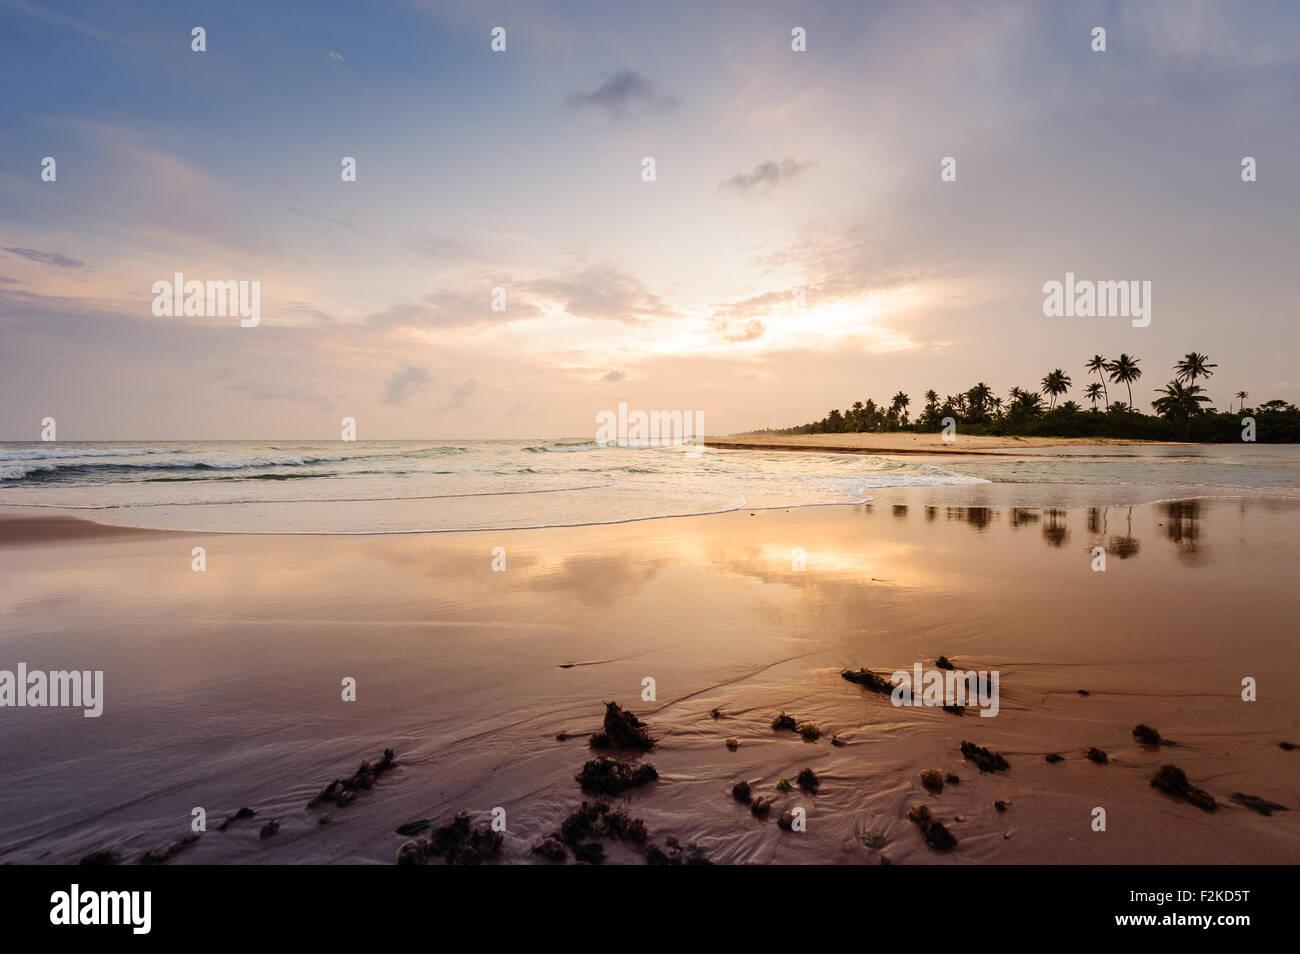 Por-do-sol paradisíaco na Ilha do Mussulo do lado da baía em maré alta e perto do buraco - Stock Image